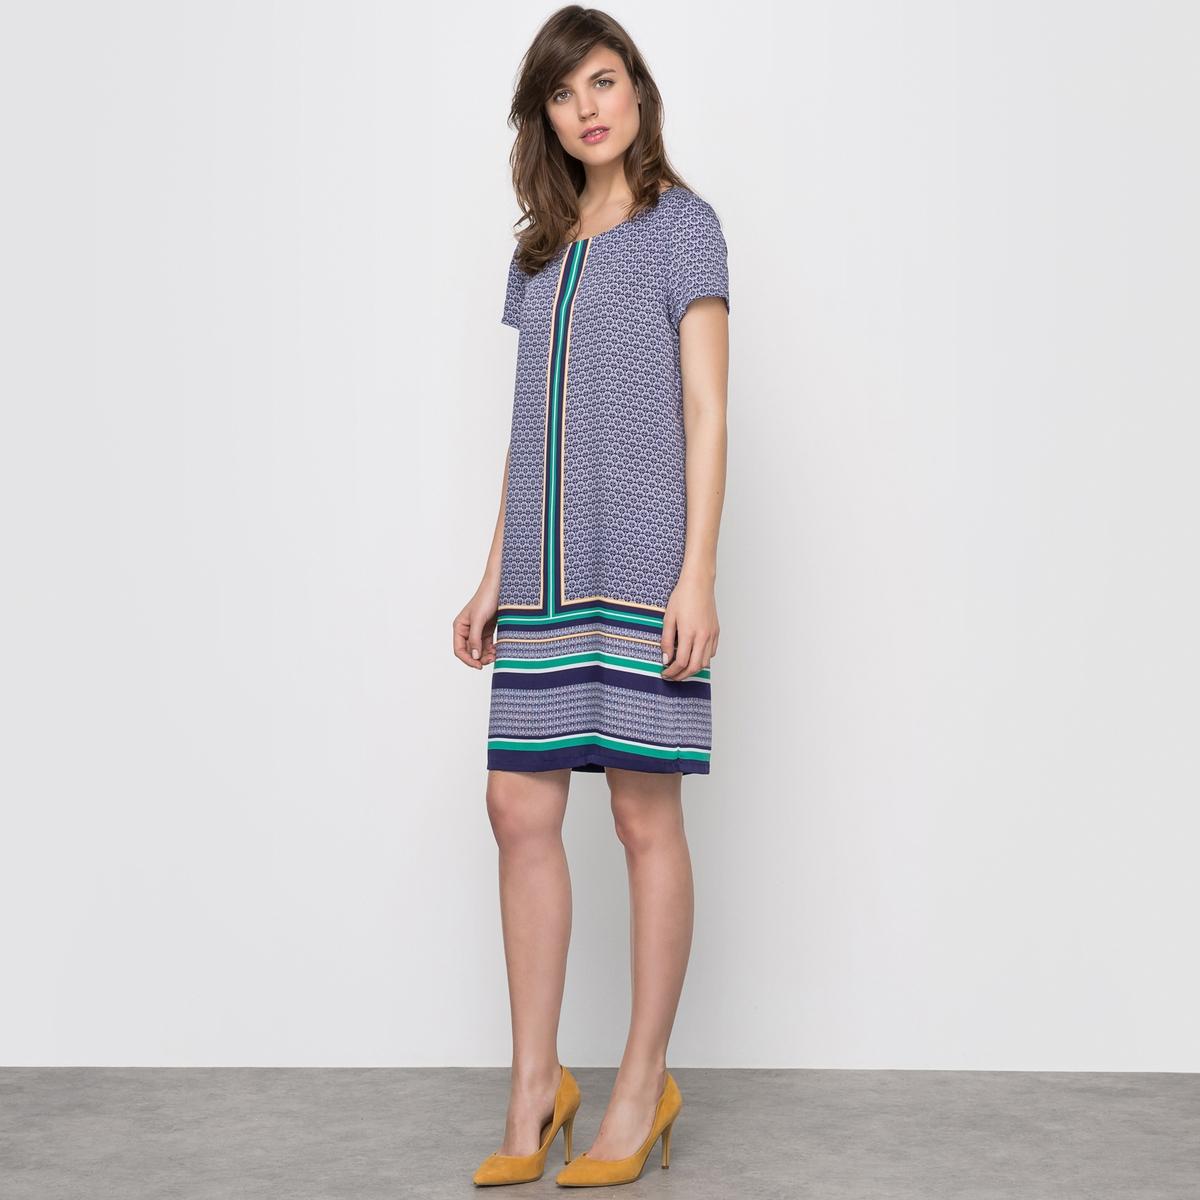 Платье-футляр с короткими рукавамиПлатье с короткими рукавами. Круглый вырез. Платочный рисунок. Вырез-капелька с застежкой на пуговицу сзади. 100% полиэстера. Длина 92 см.<br><br>Цвет: набивной рисунок<br>Размер: 34 (FR) - 40 (RUS)